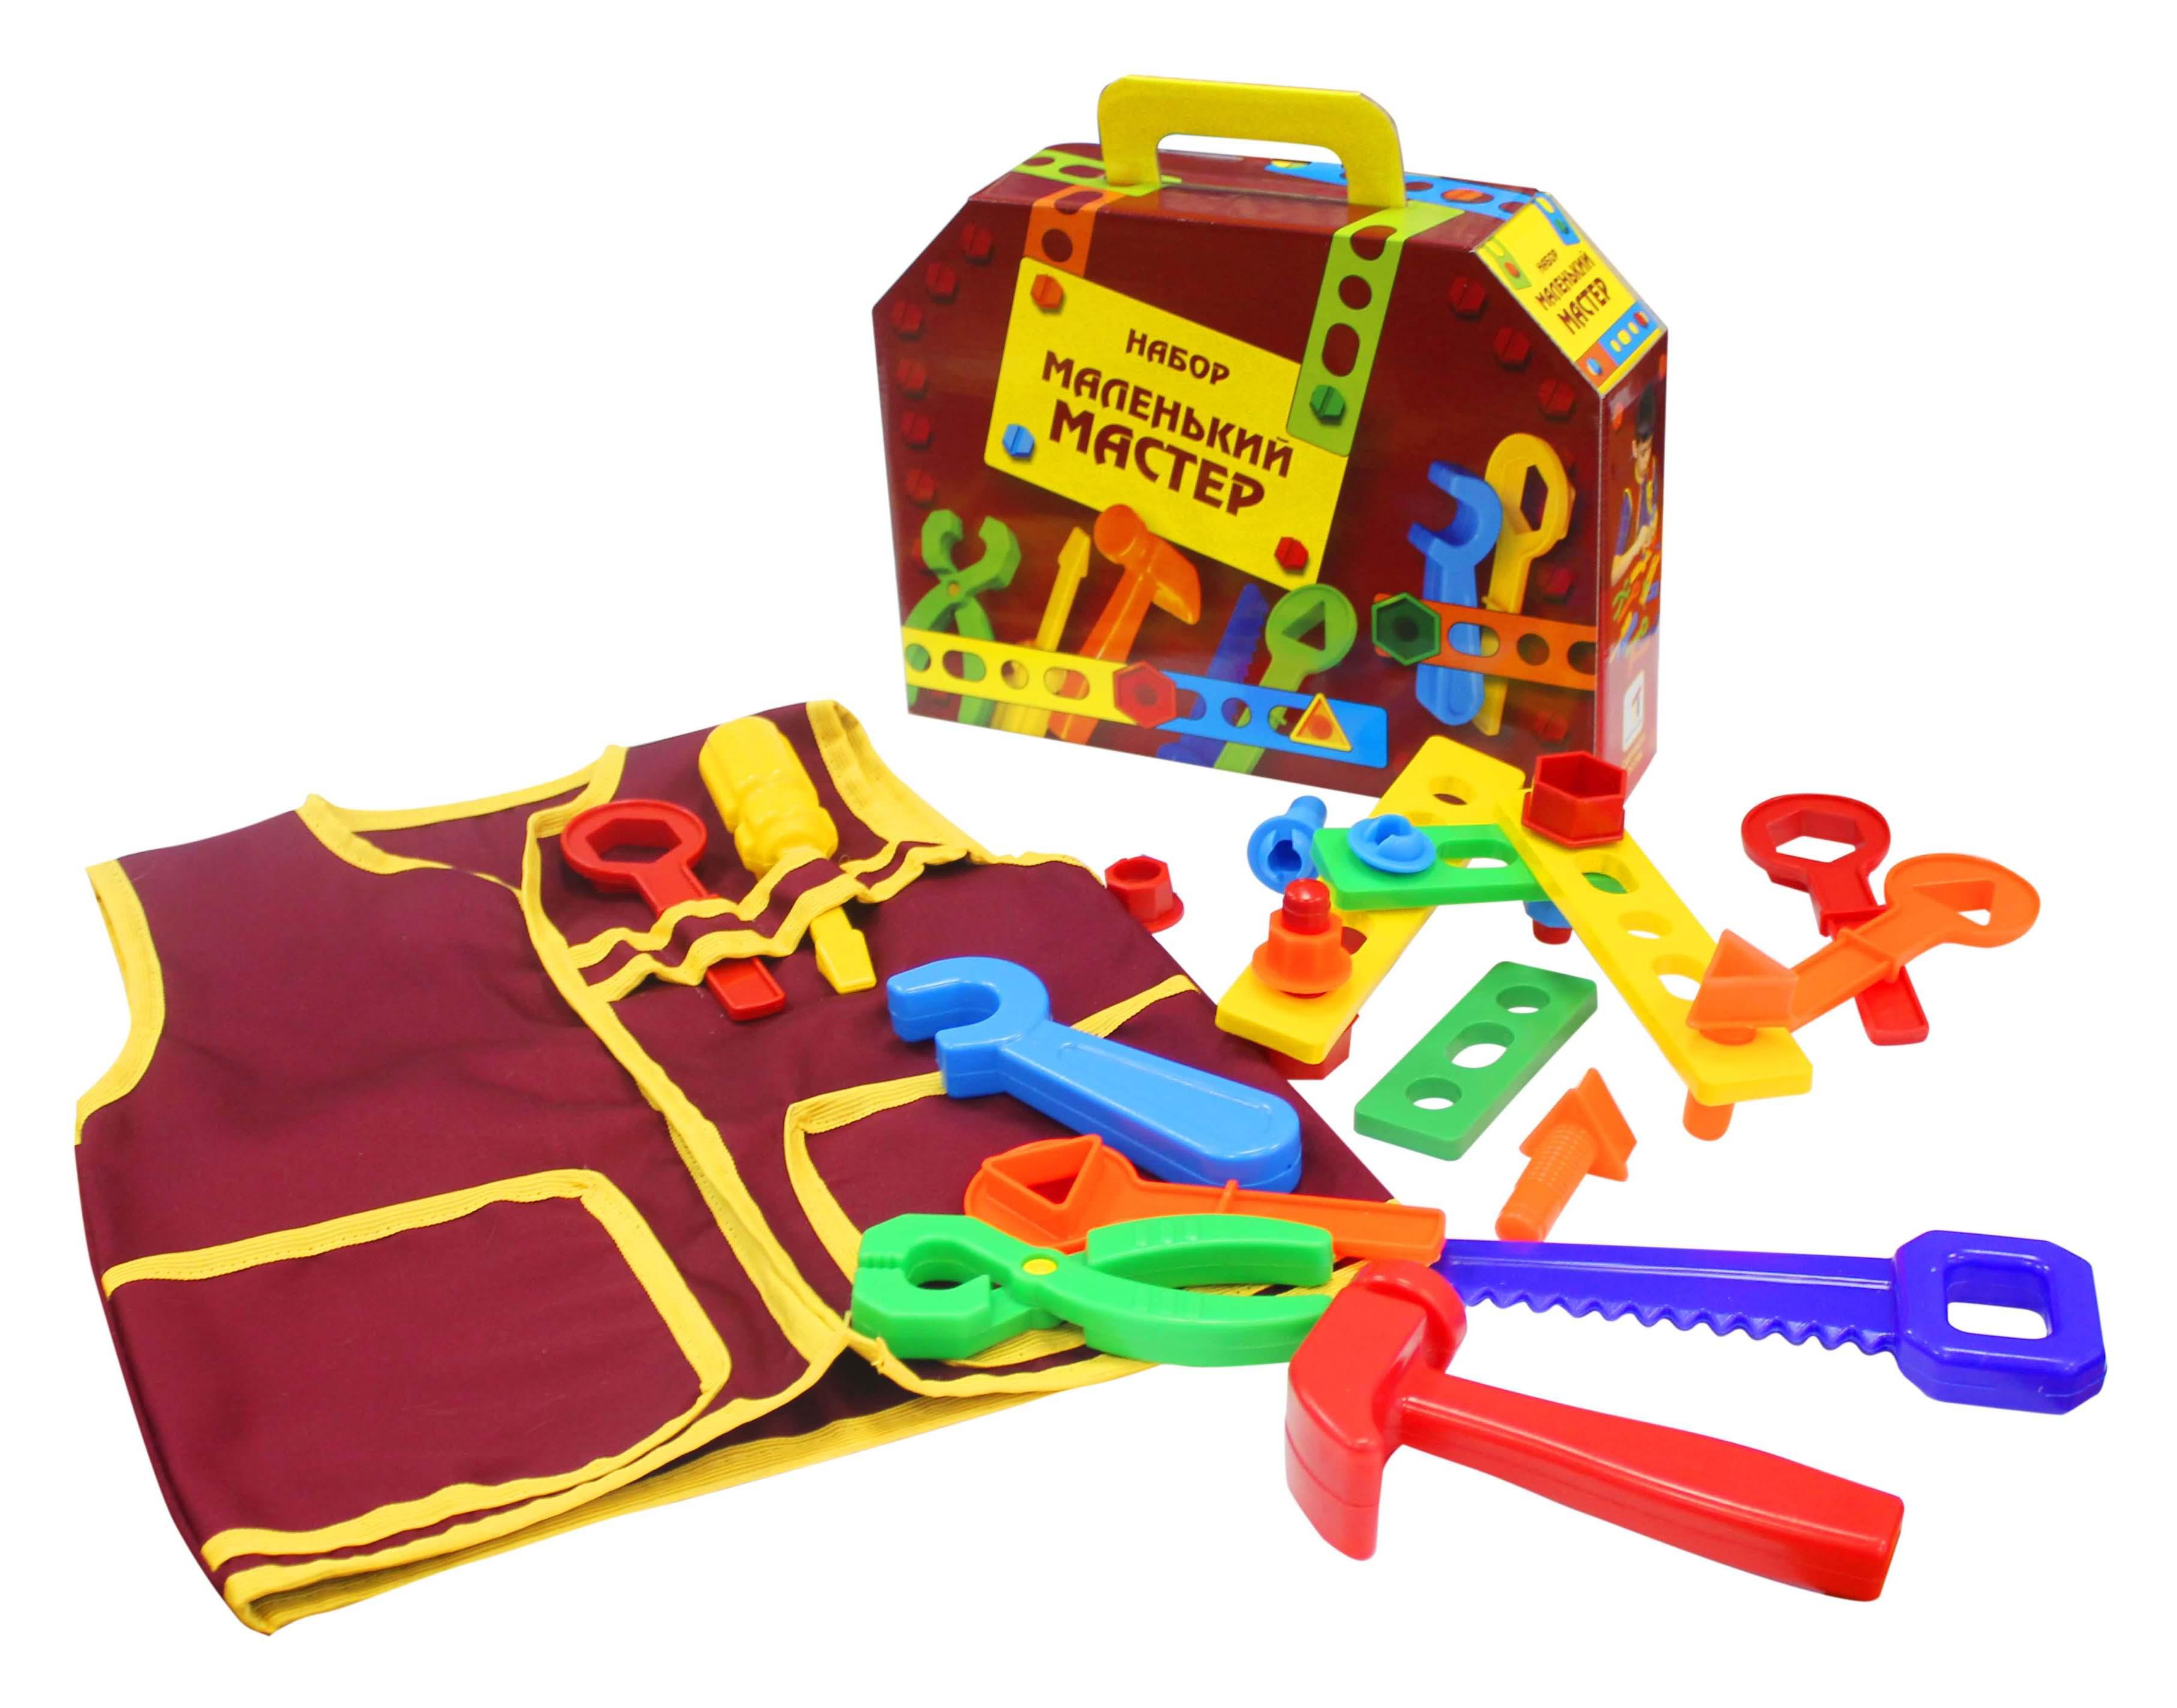 Наборы игрушечных инструментов Пластмастер Маленький мастер наборы игрушечных инструментов пластмастер игровой набор пластмастер набор инструментов плотник